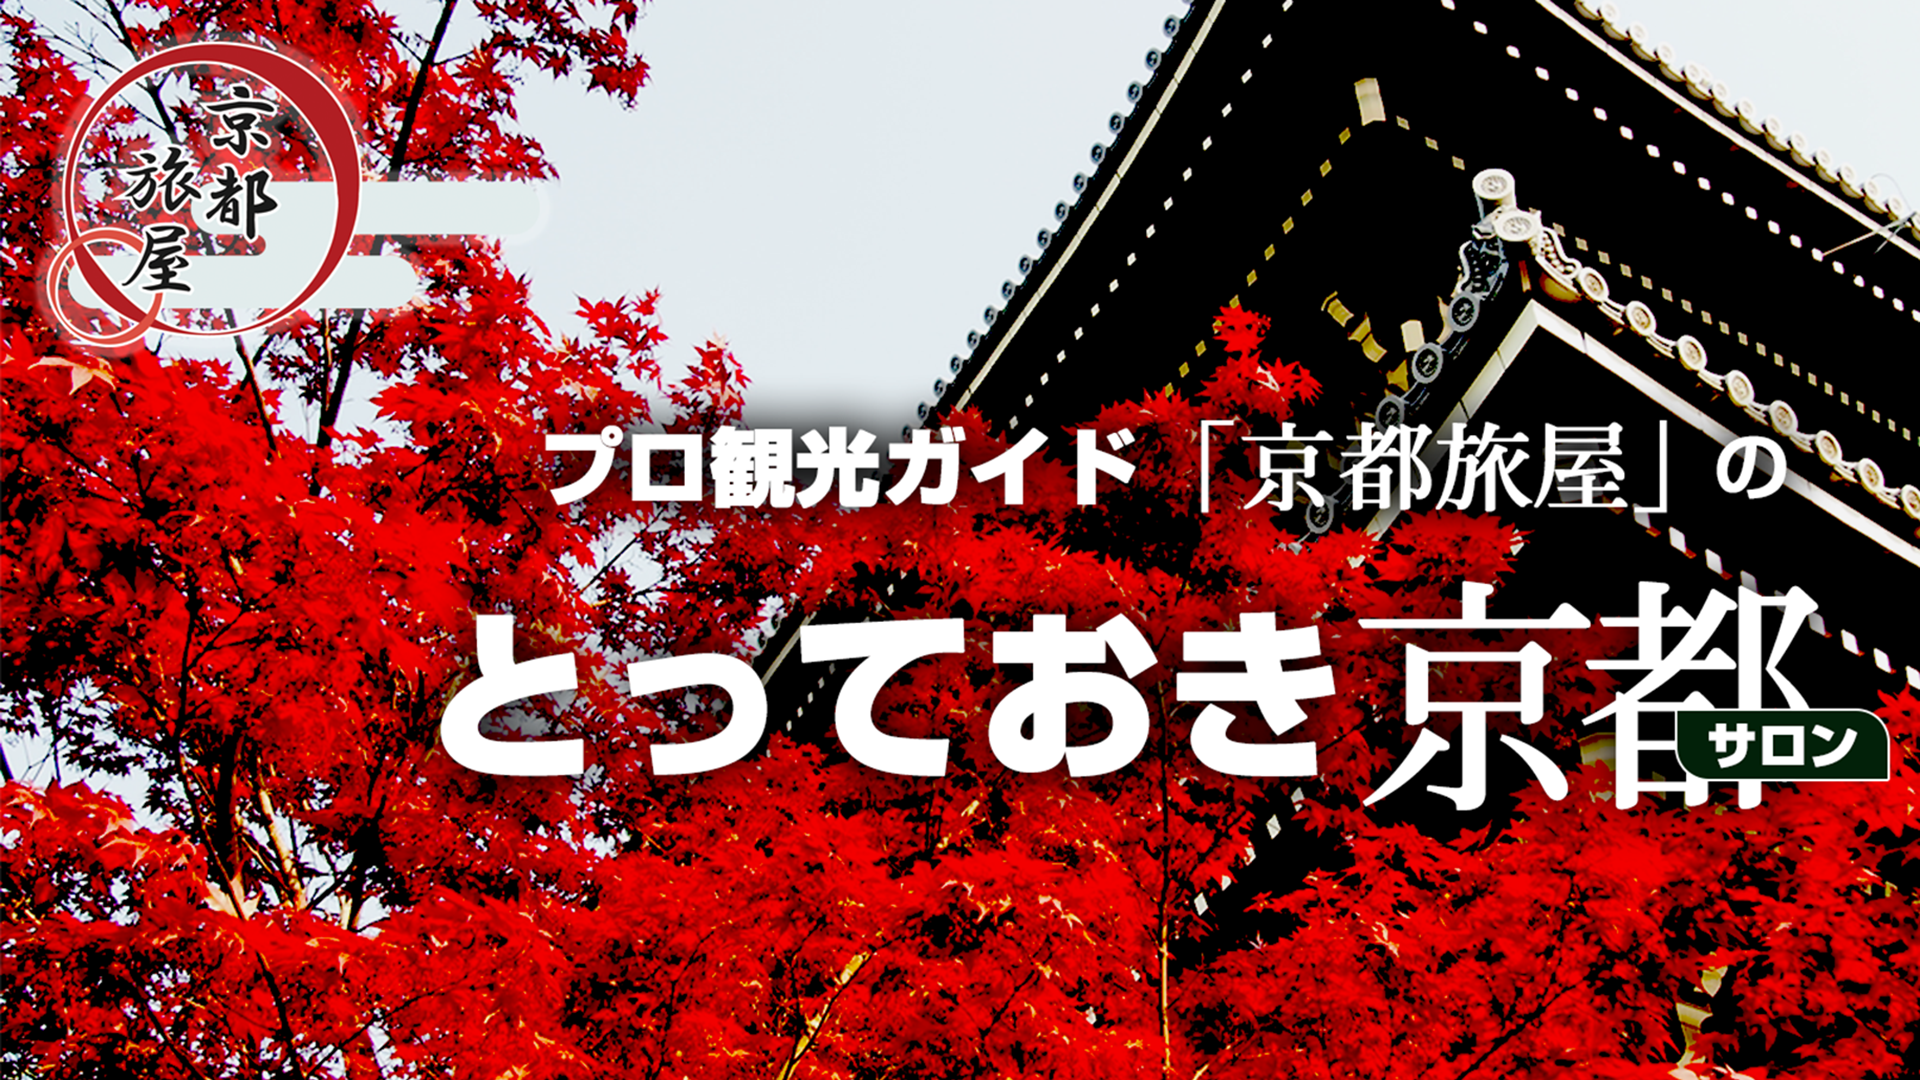 吉村晋弥 - プロ観光ガイド「京都旅屋」のとっておき京都サロン - DMM オンラインサロン